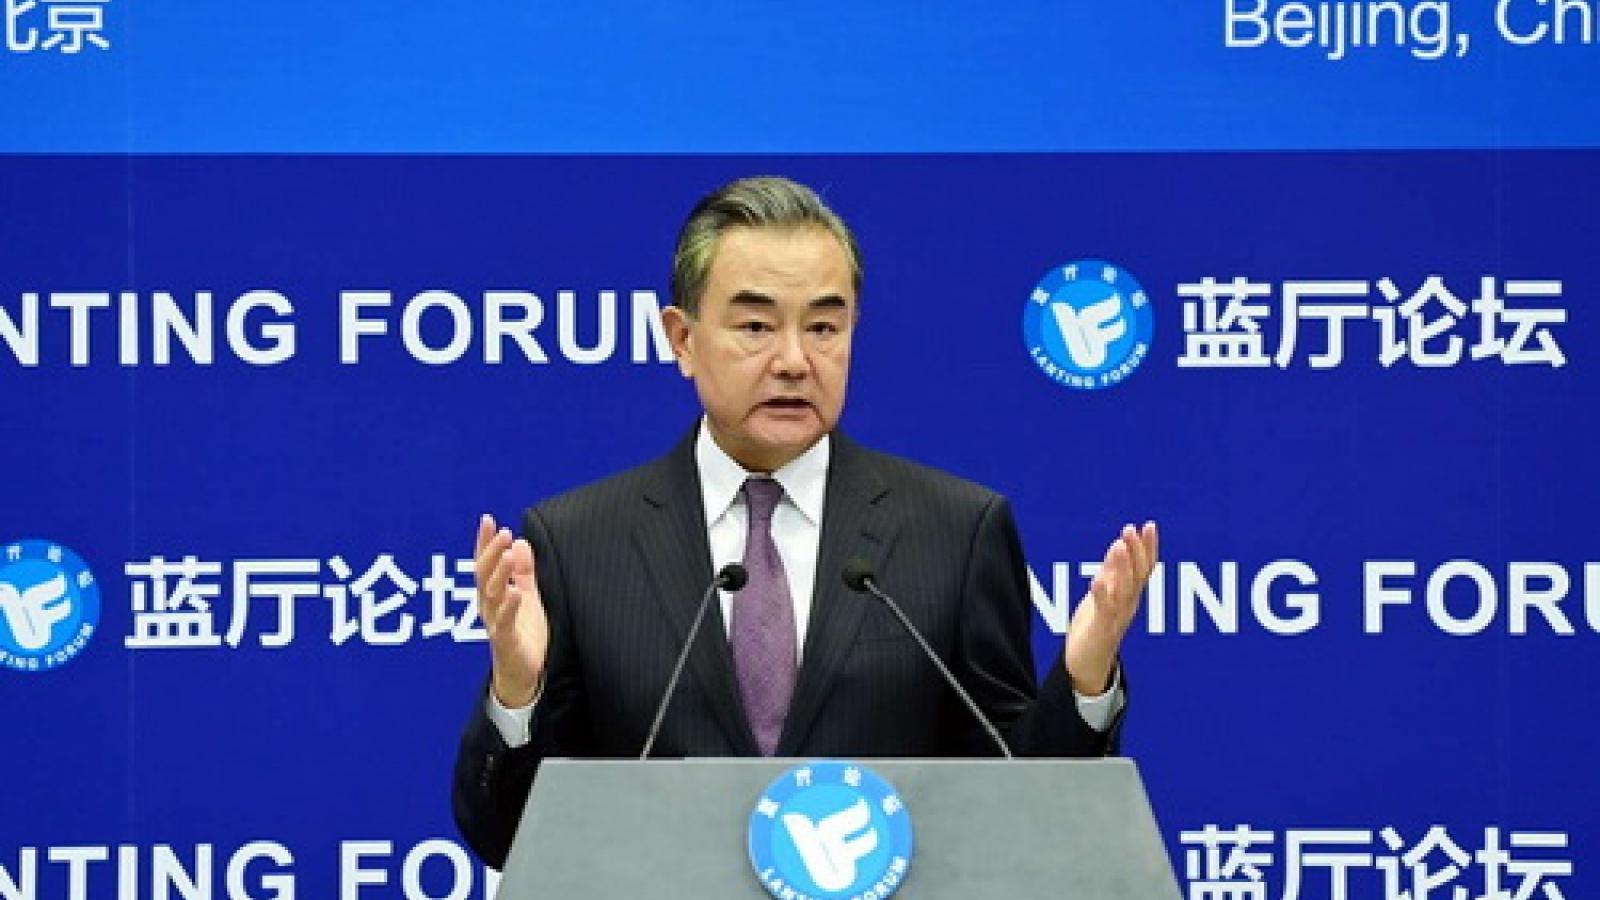 """Ngoại trưởng Trung Quốc ngầm chỉ trích Mỹ là """"mối đe dọa"""" của thế giới"""